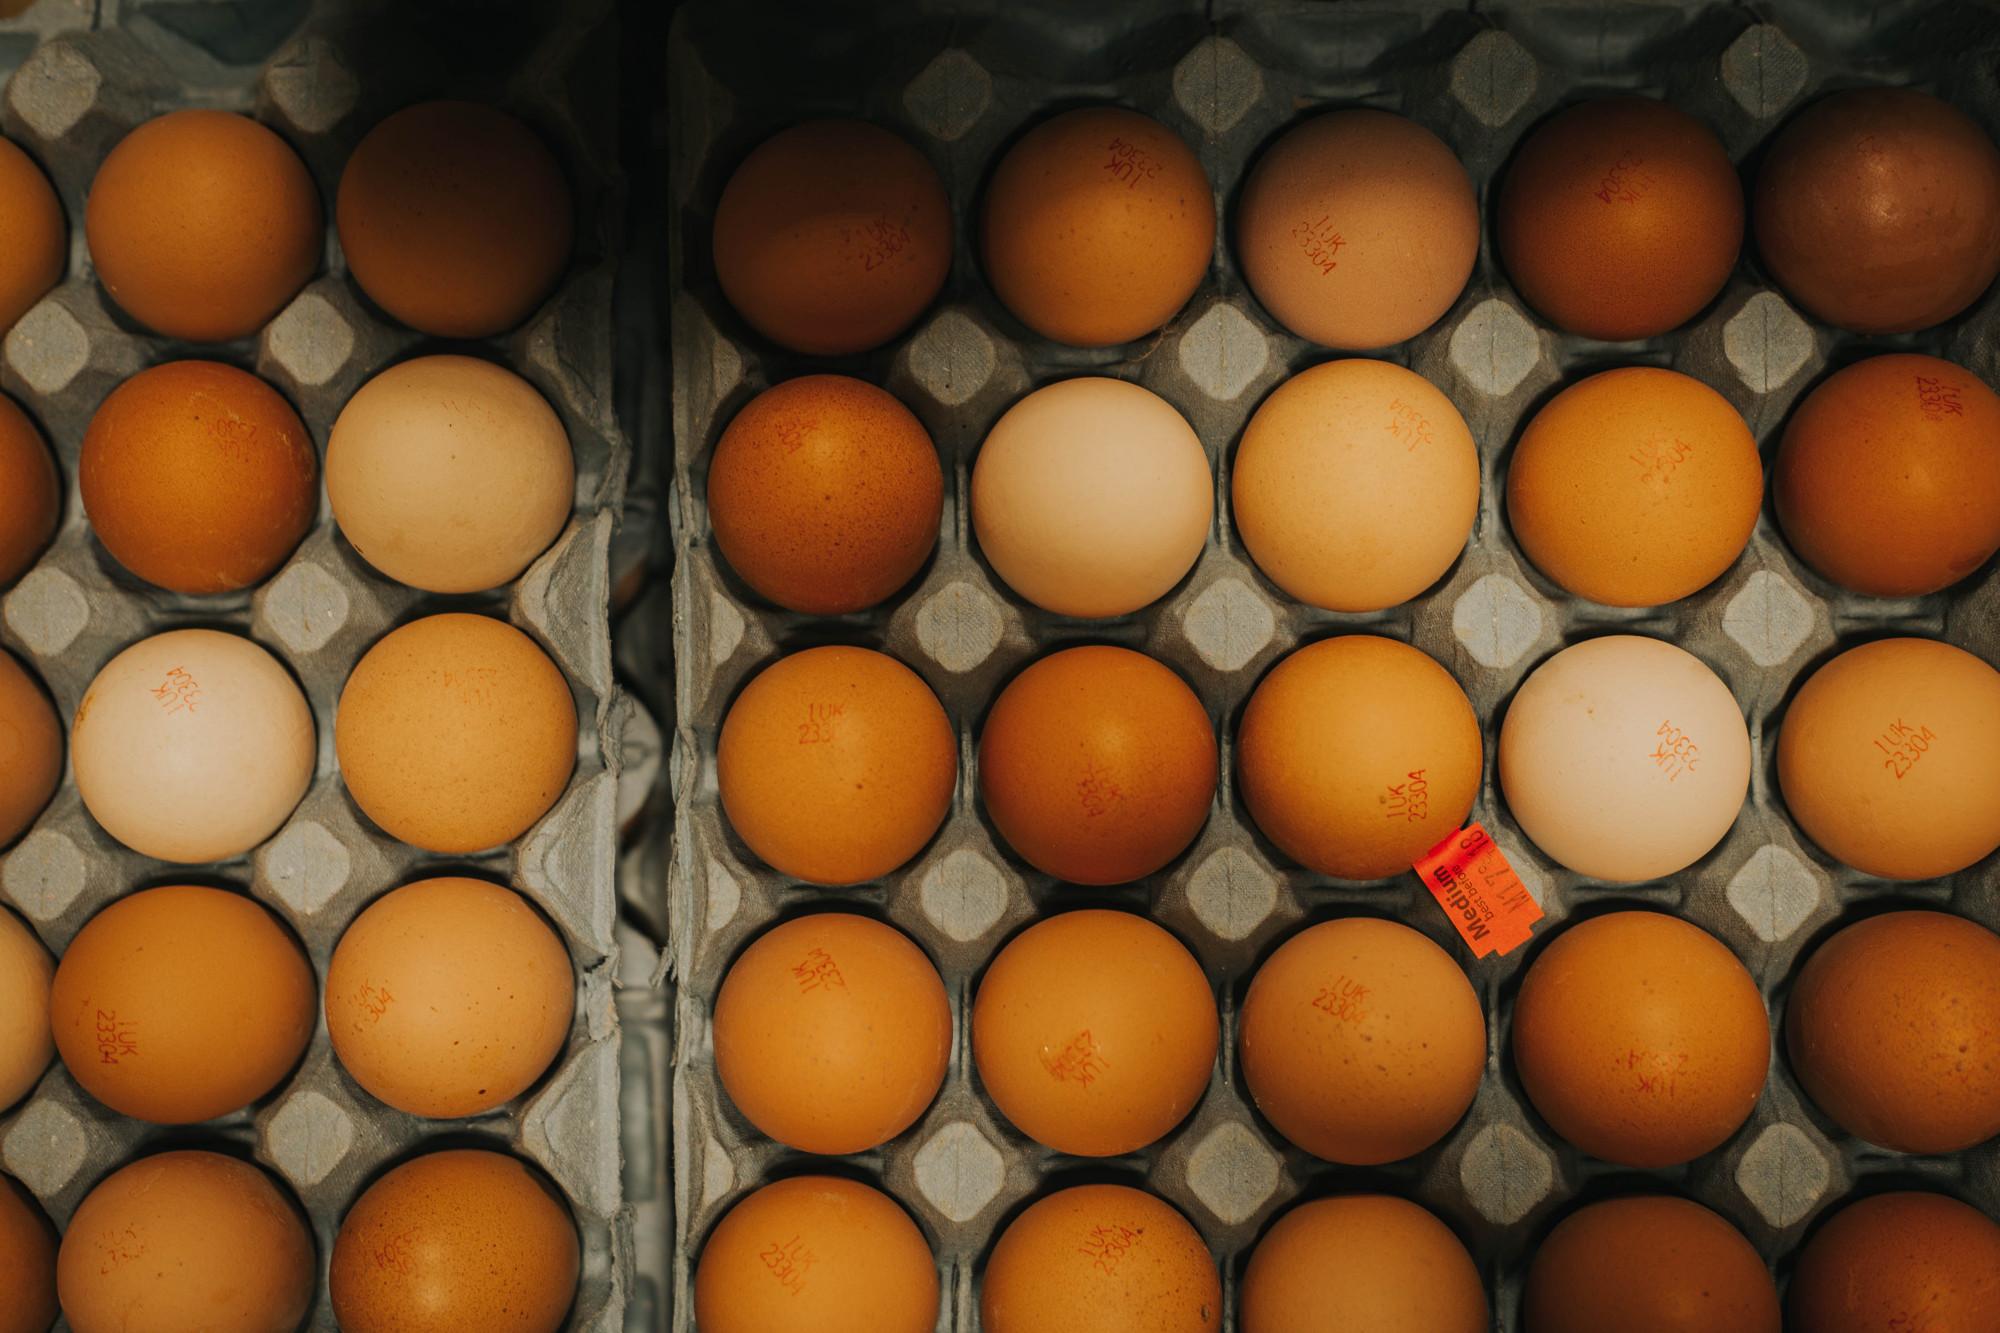 eggs_2019.jpg